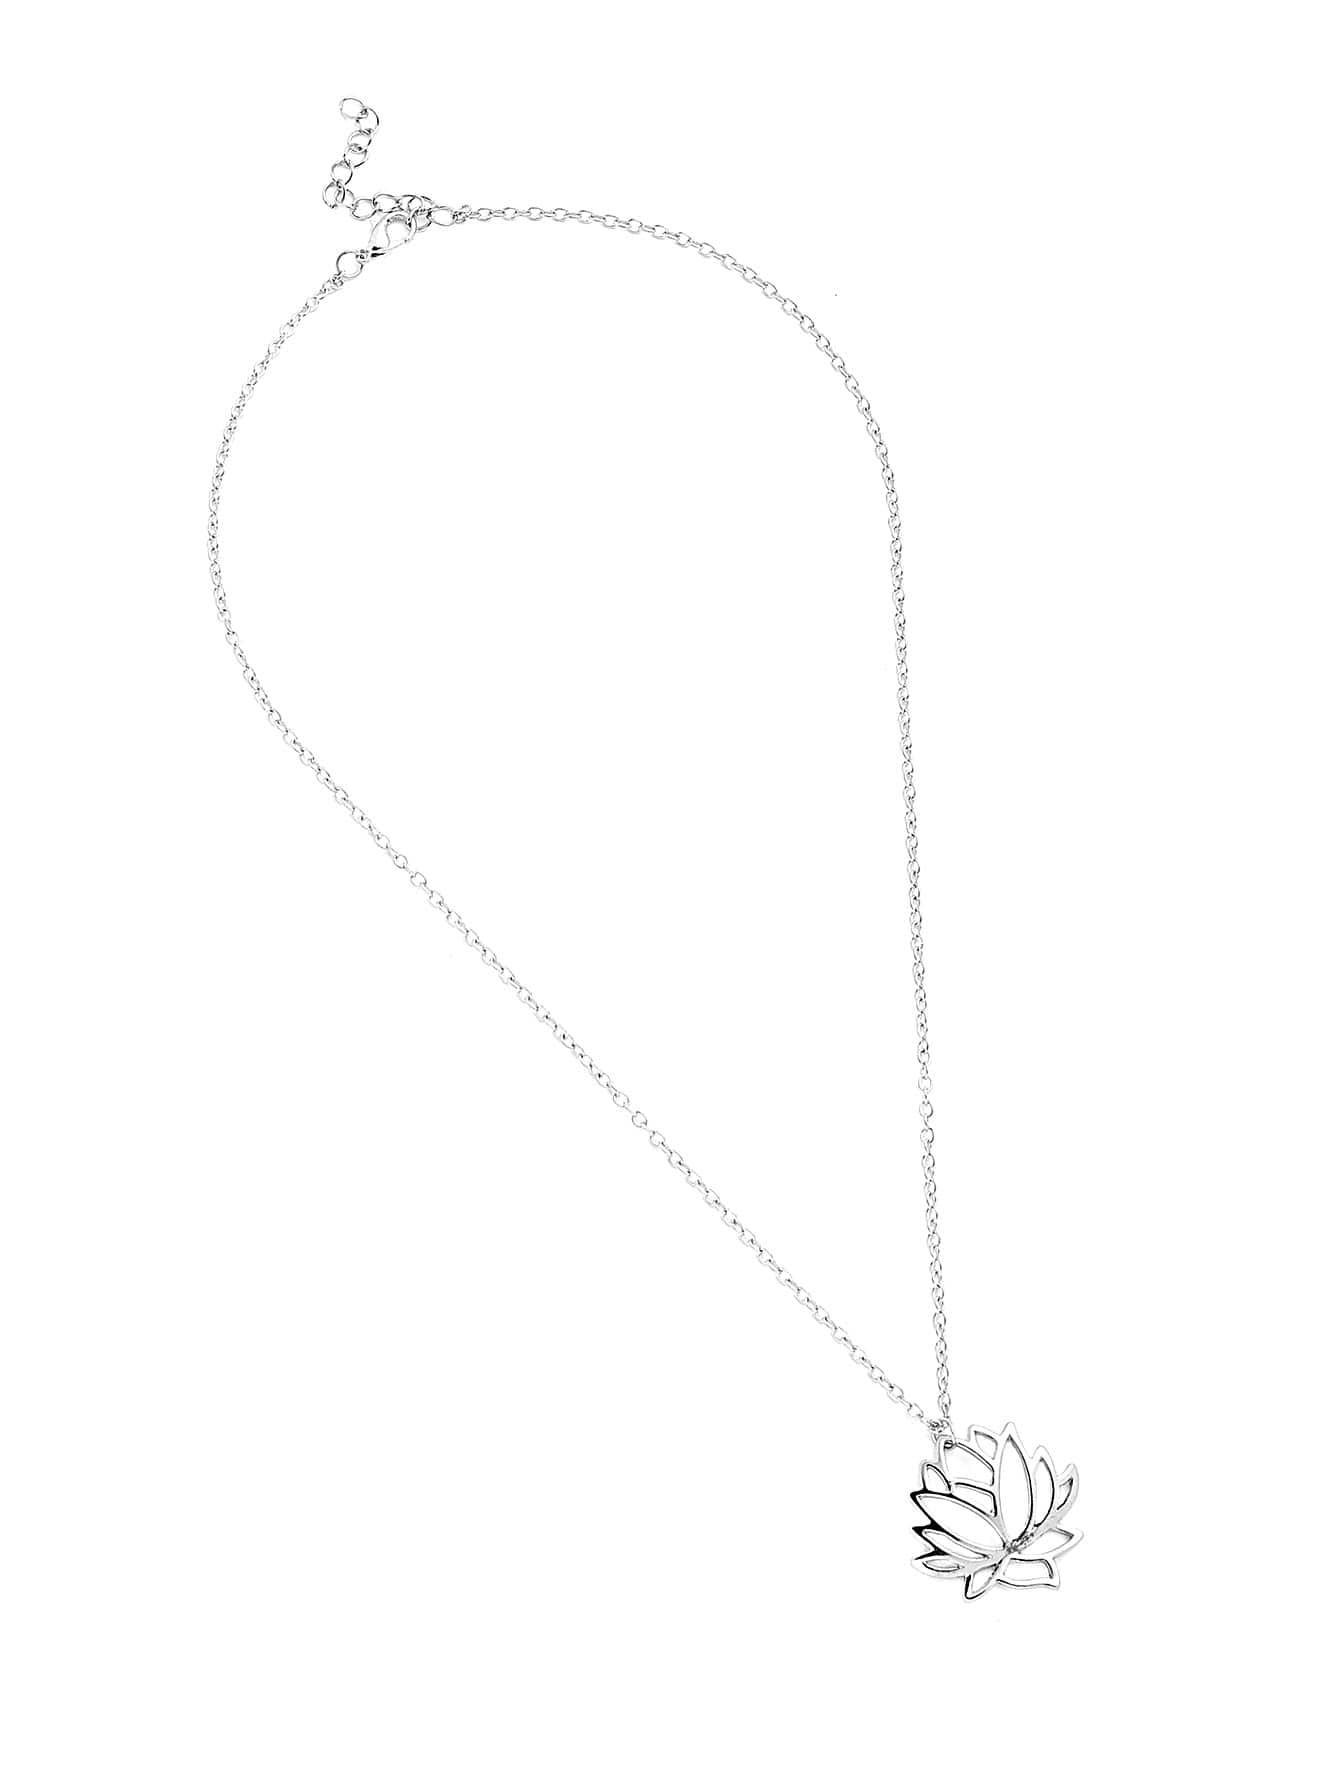 Halskette mit ausgehöhlter Lotusblume Anhänger - German romwe